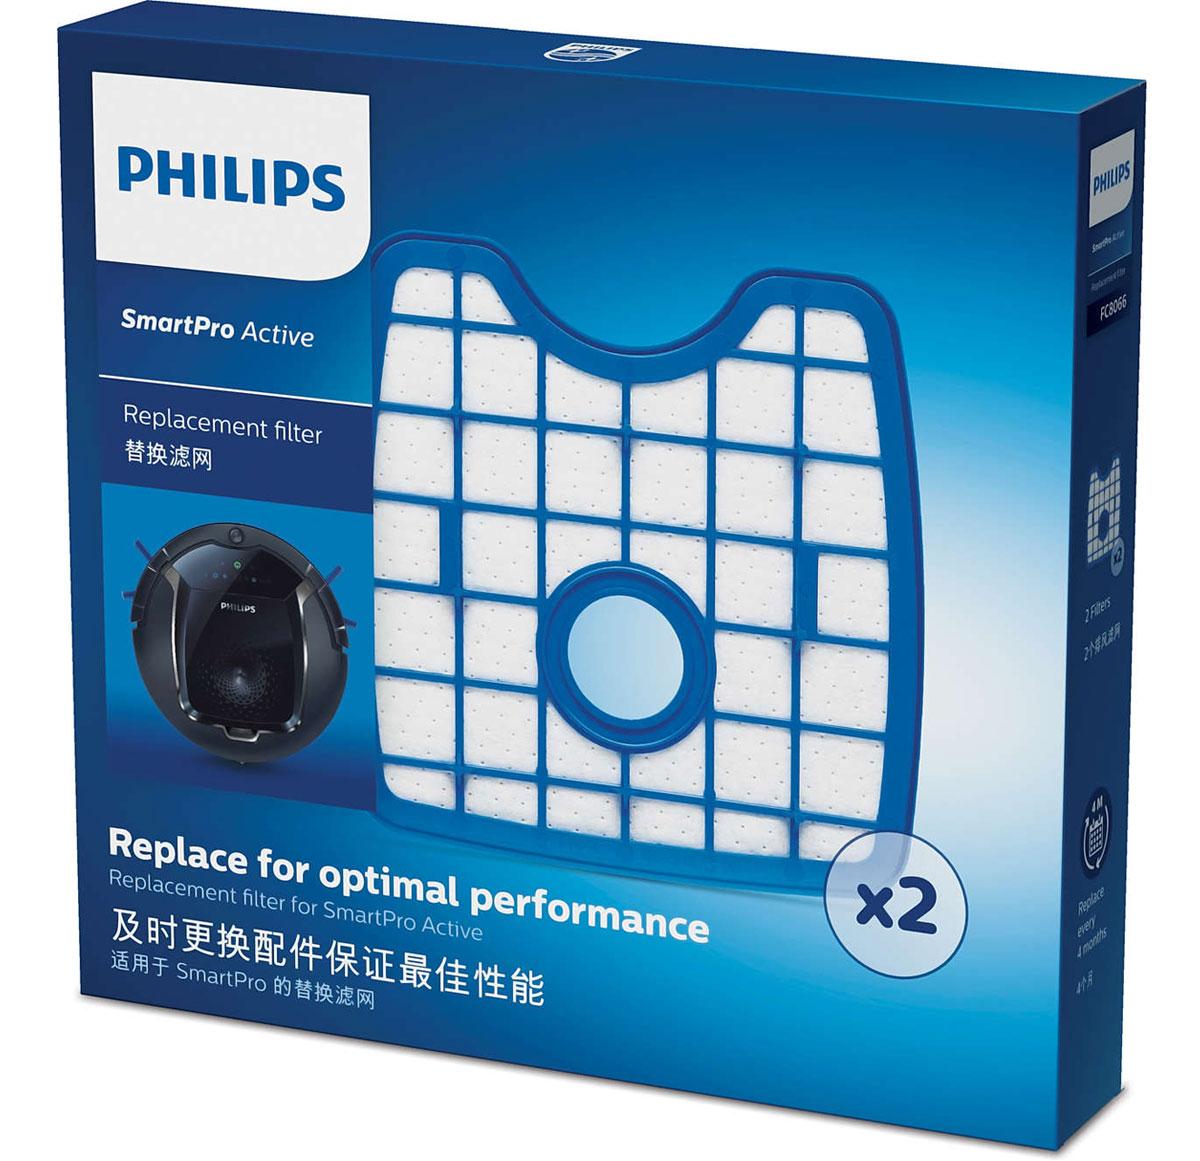 Philips FC8066/01 набор аксессуаров для робот-пылесосов SmartPro Active philips fc8065 01 набор аксессуаров для робот пылесосов smartpro compact